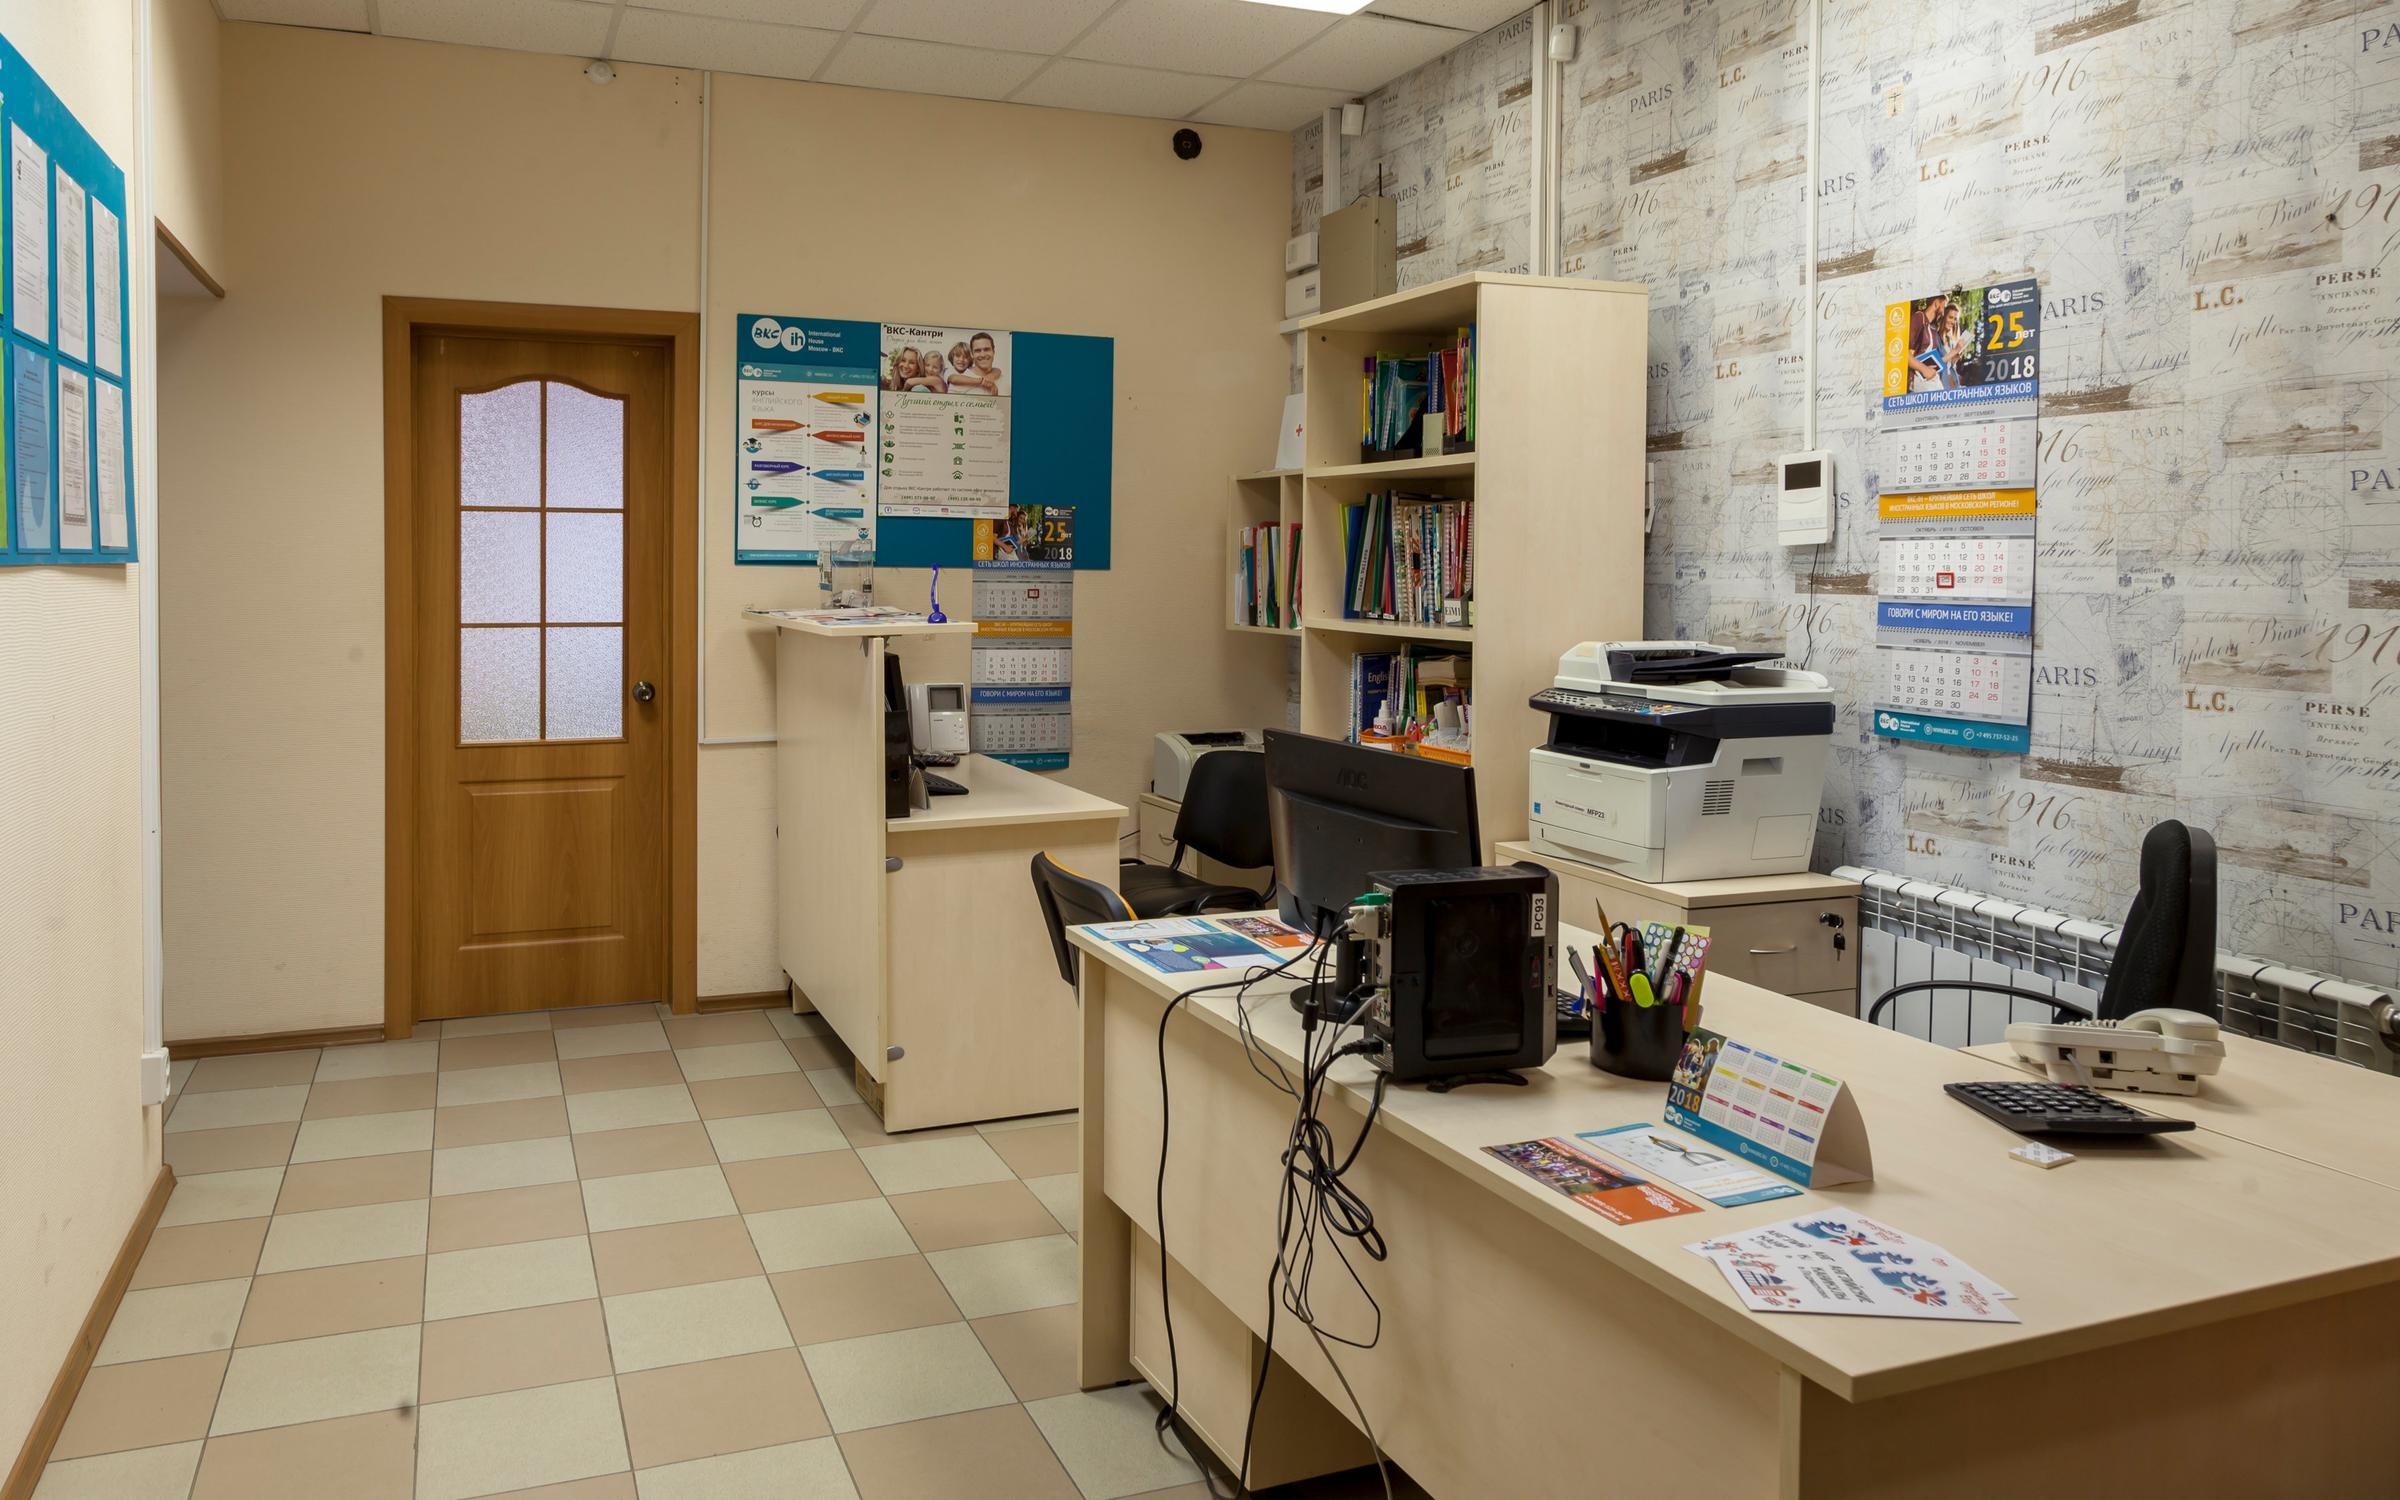 фотография Школы иностранных языков BKC International House на метро Улица Академика Янгеля